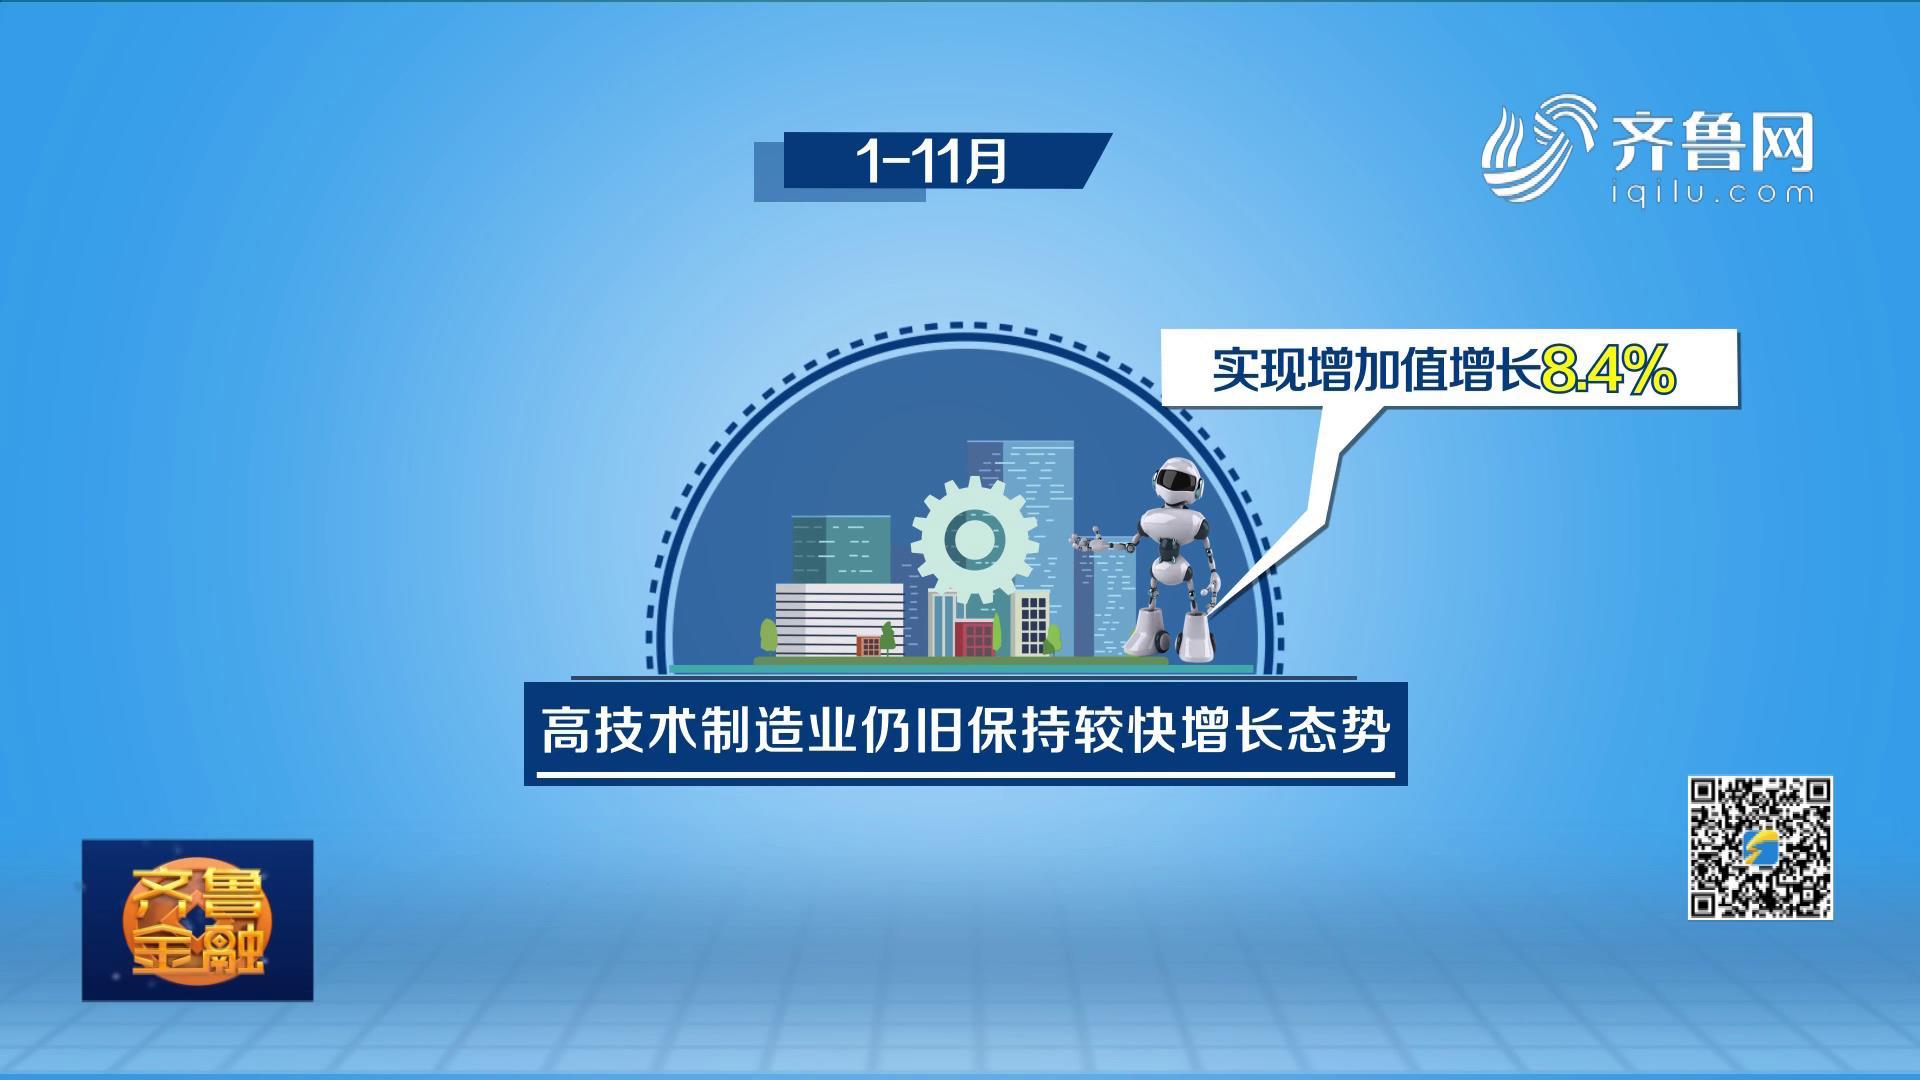 前11个月经济数据发布 山东经济加快复苏向好《齐鲁金融》20201230播出